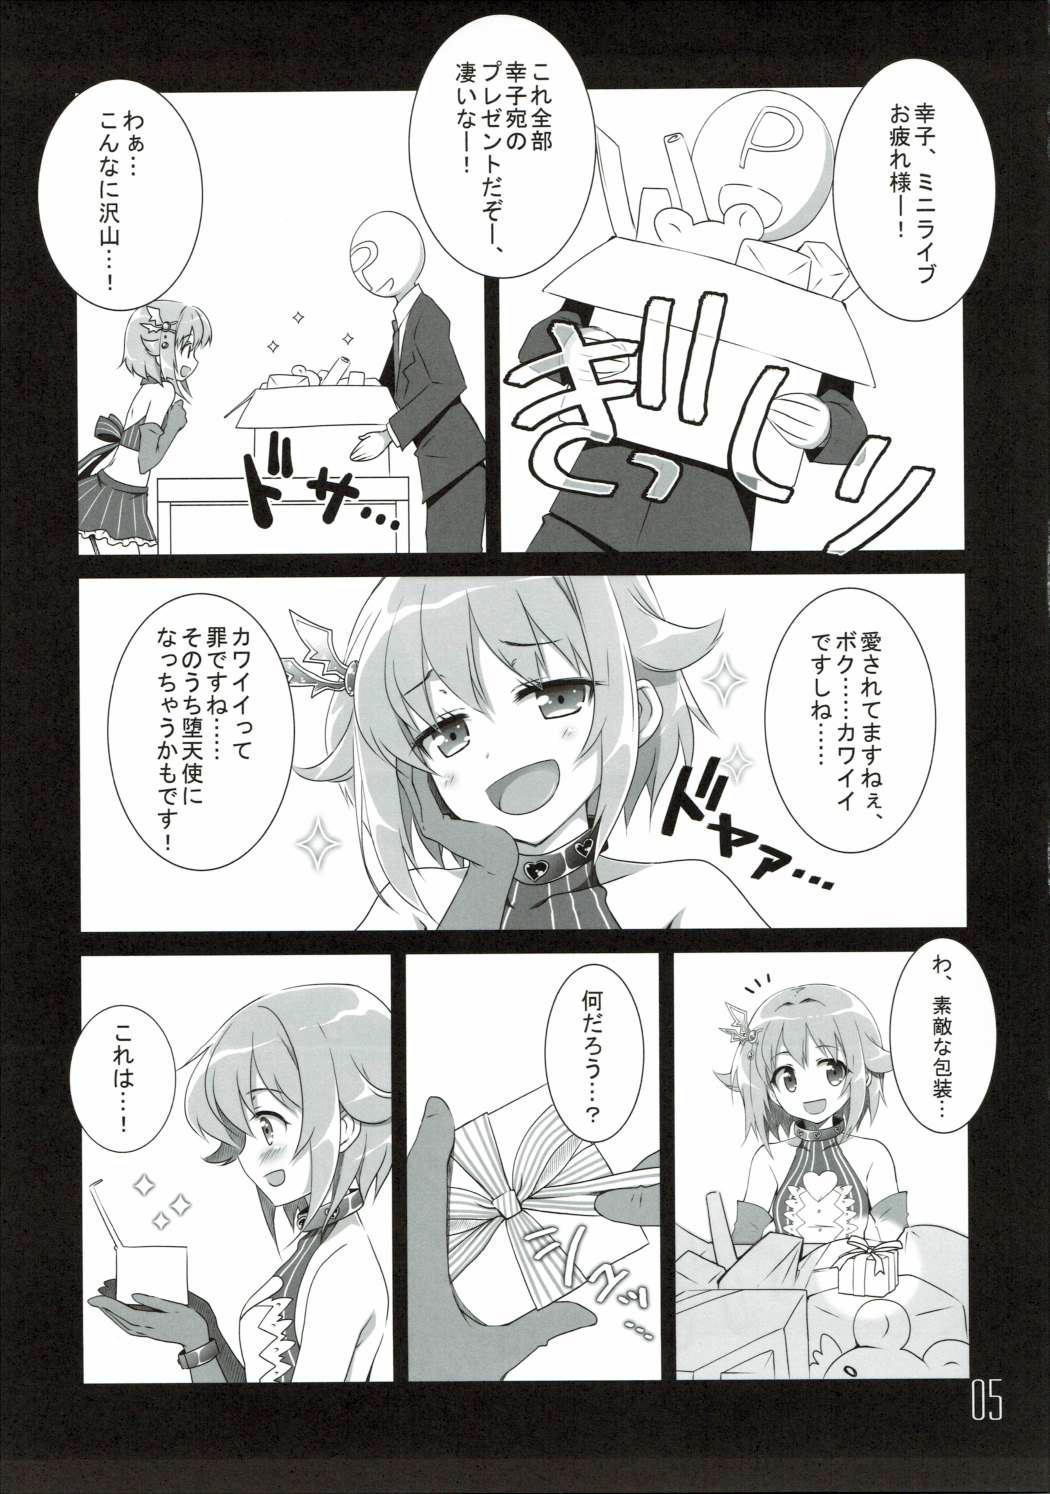 Sachiko☆Vibration 3